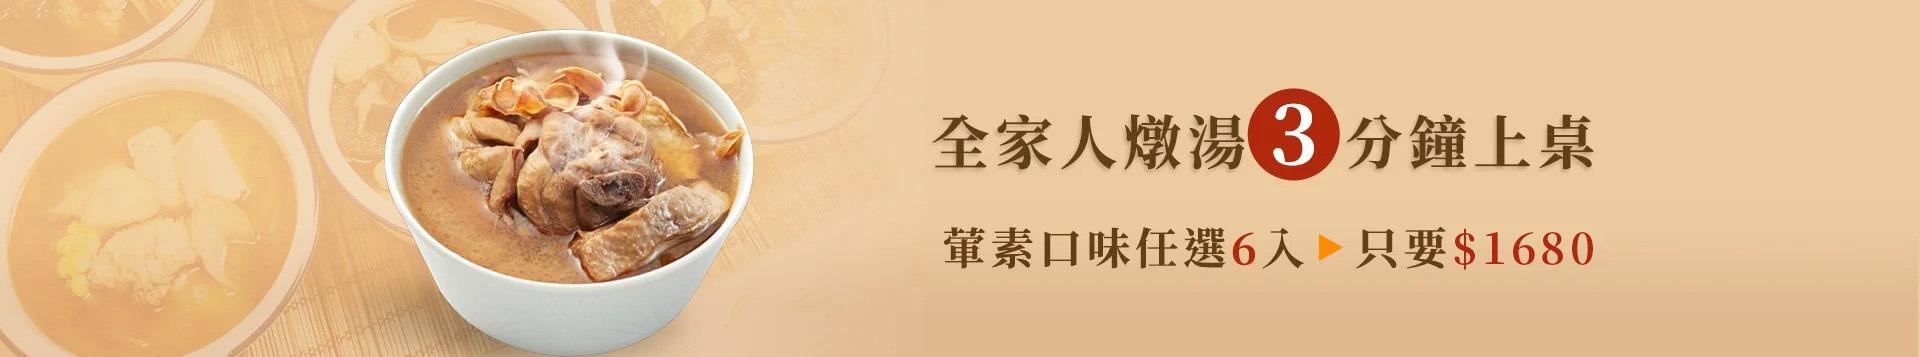 全家人養生煲湯系列-任選6入防護優惠中